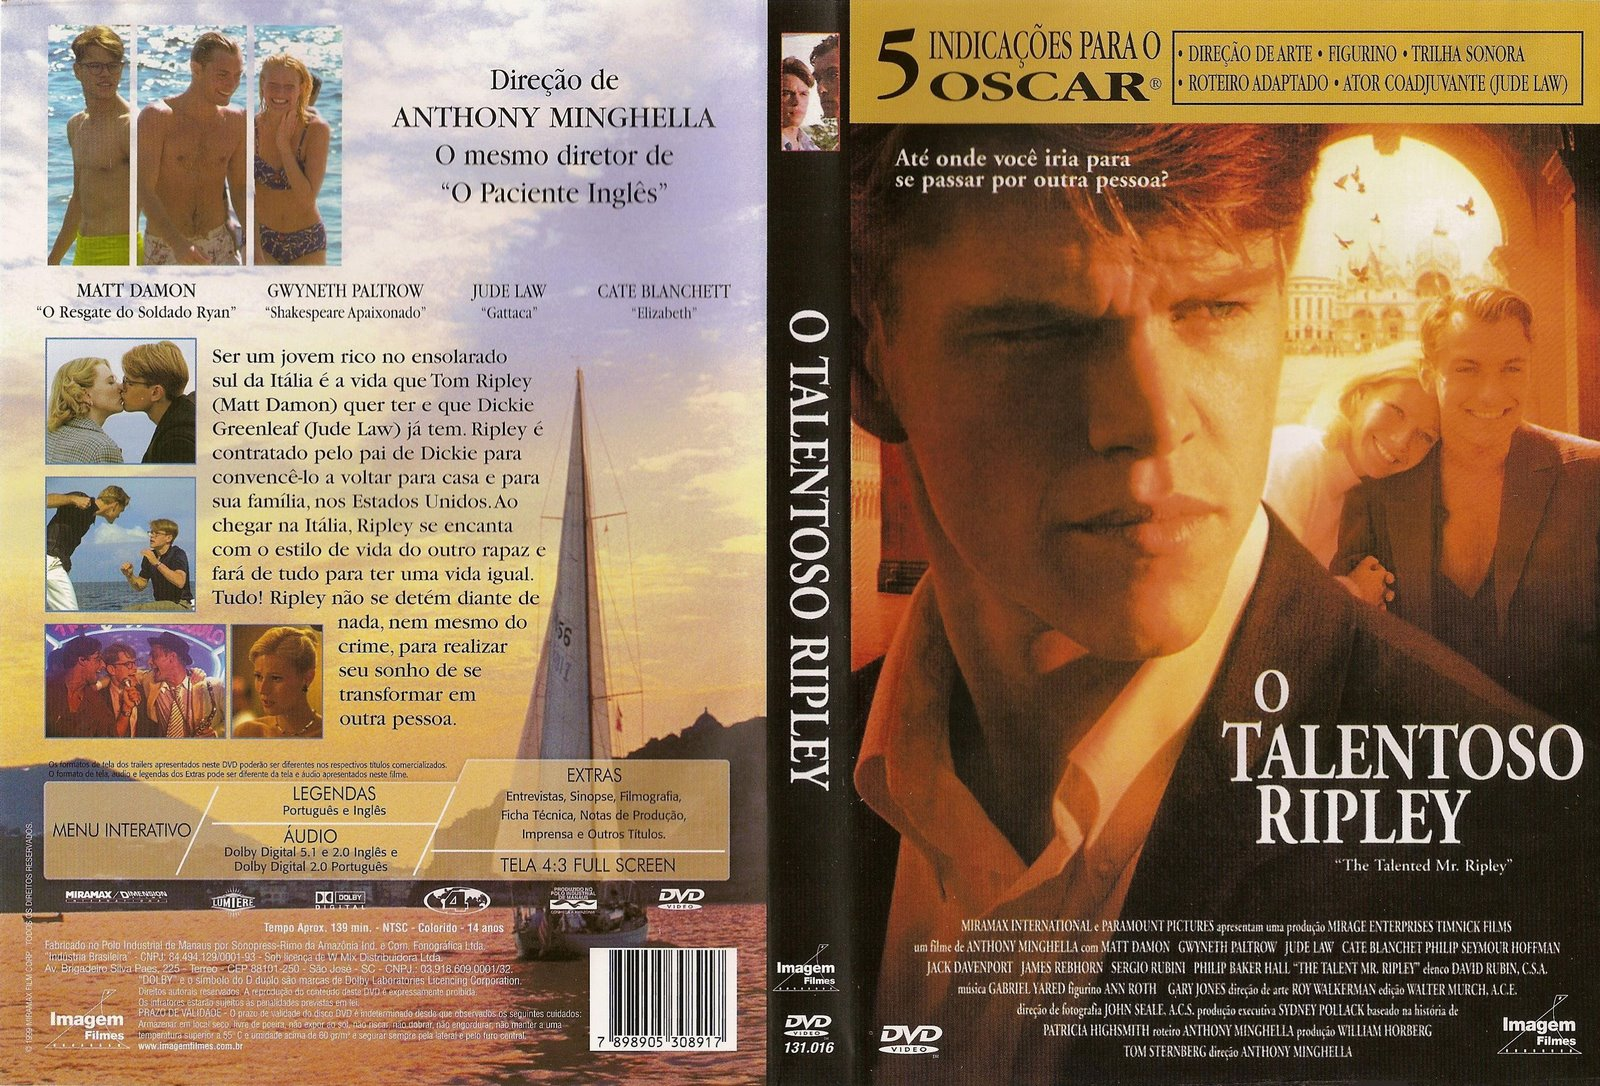 Capas Filmes Suspense O Talentoso Ripley